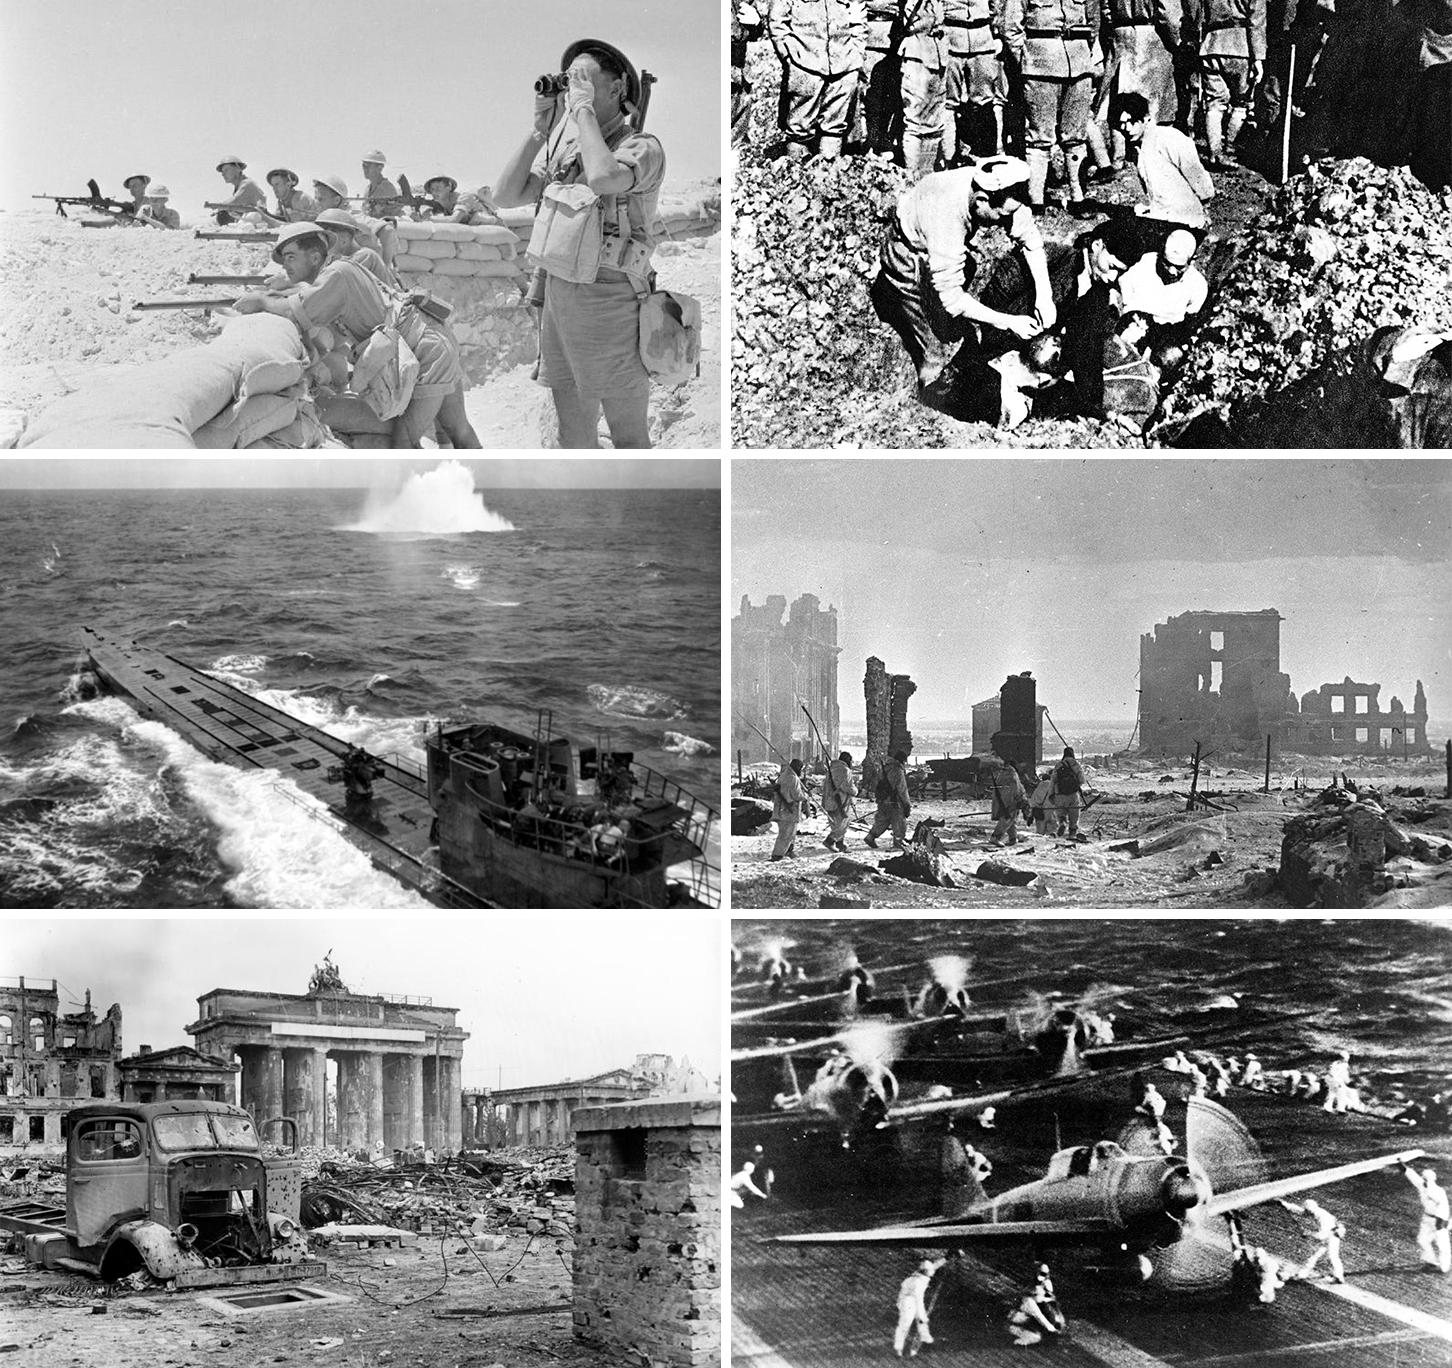 Depiction of Segunda Guerra Mundial